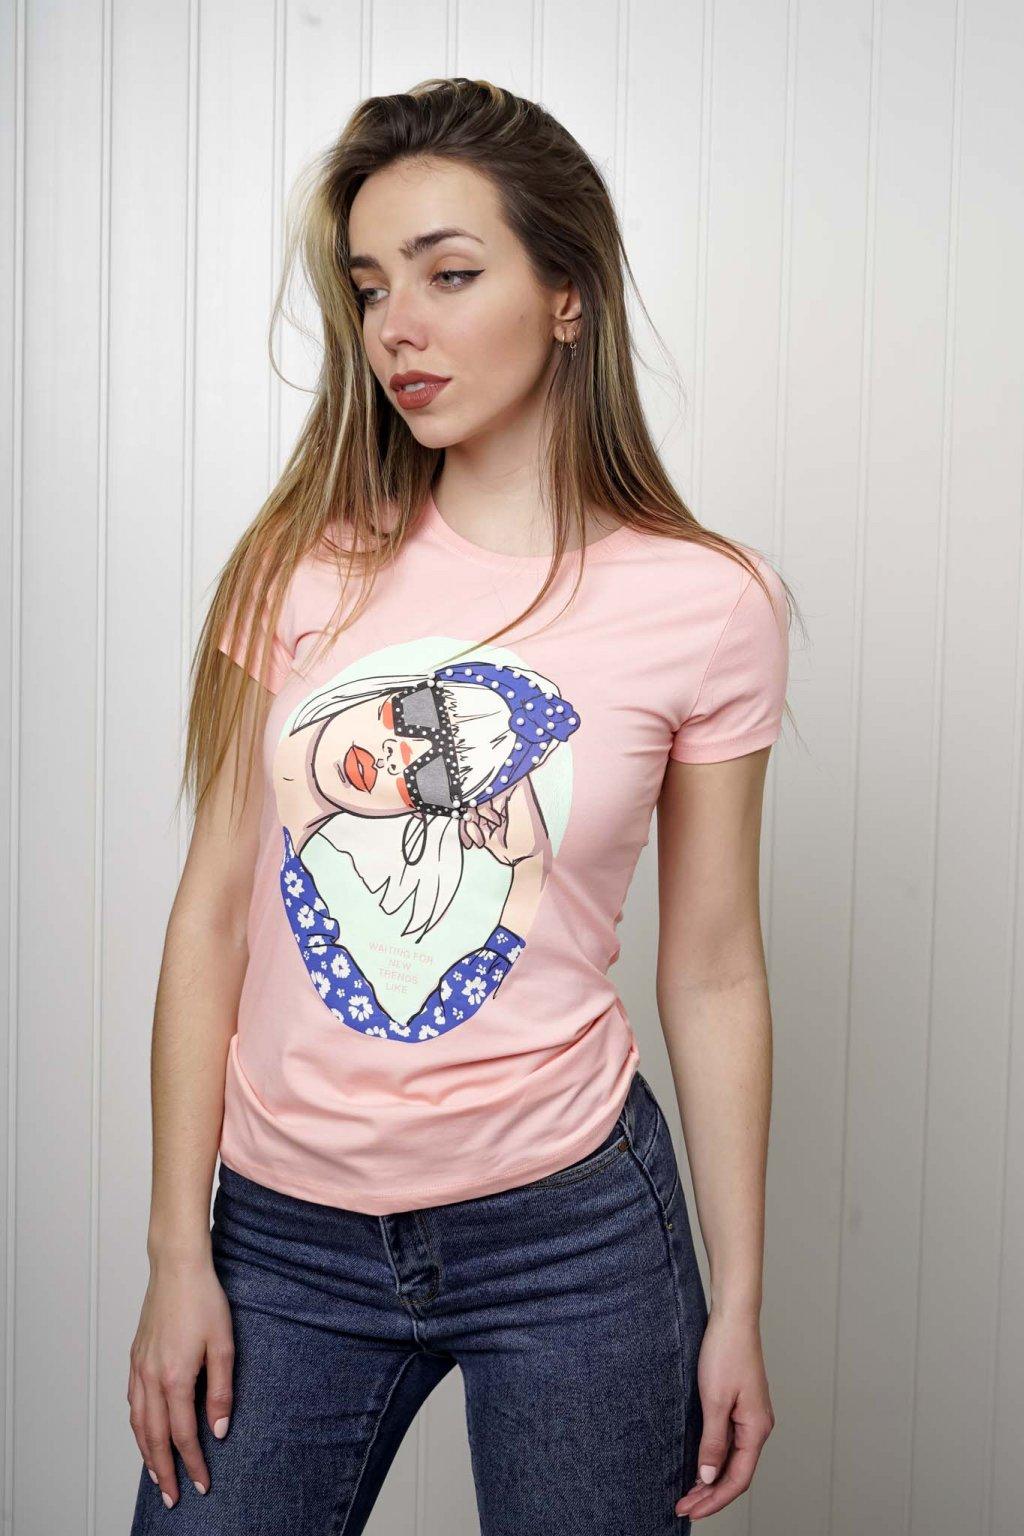 tričko, tričkové šaty, biele, čierne, žlté, vzorované, potlač, vyšívané, nášivky, fialové, street style, 76